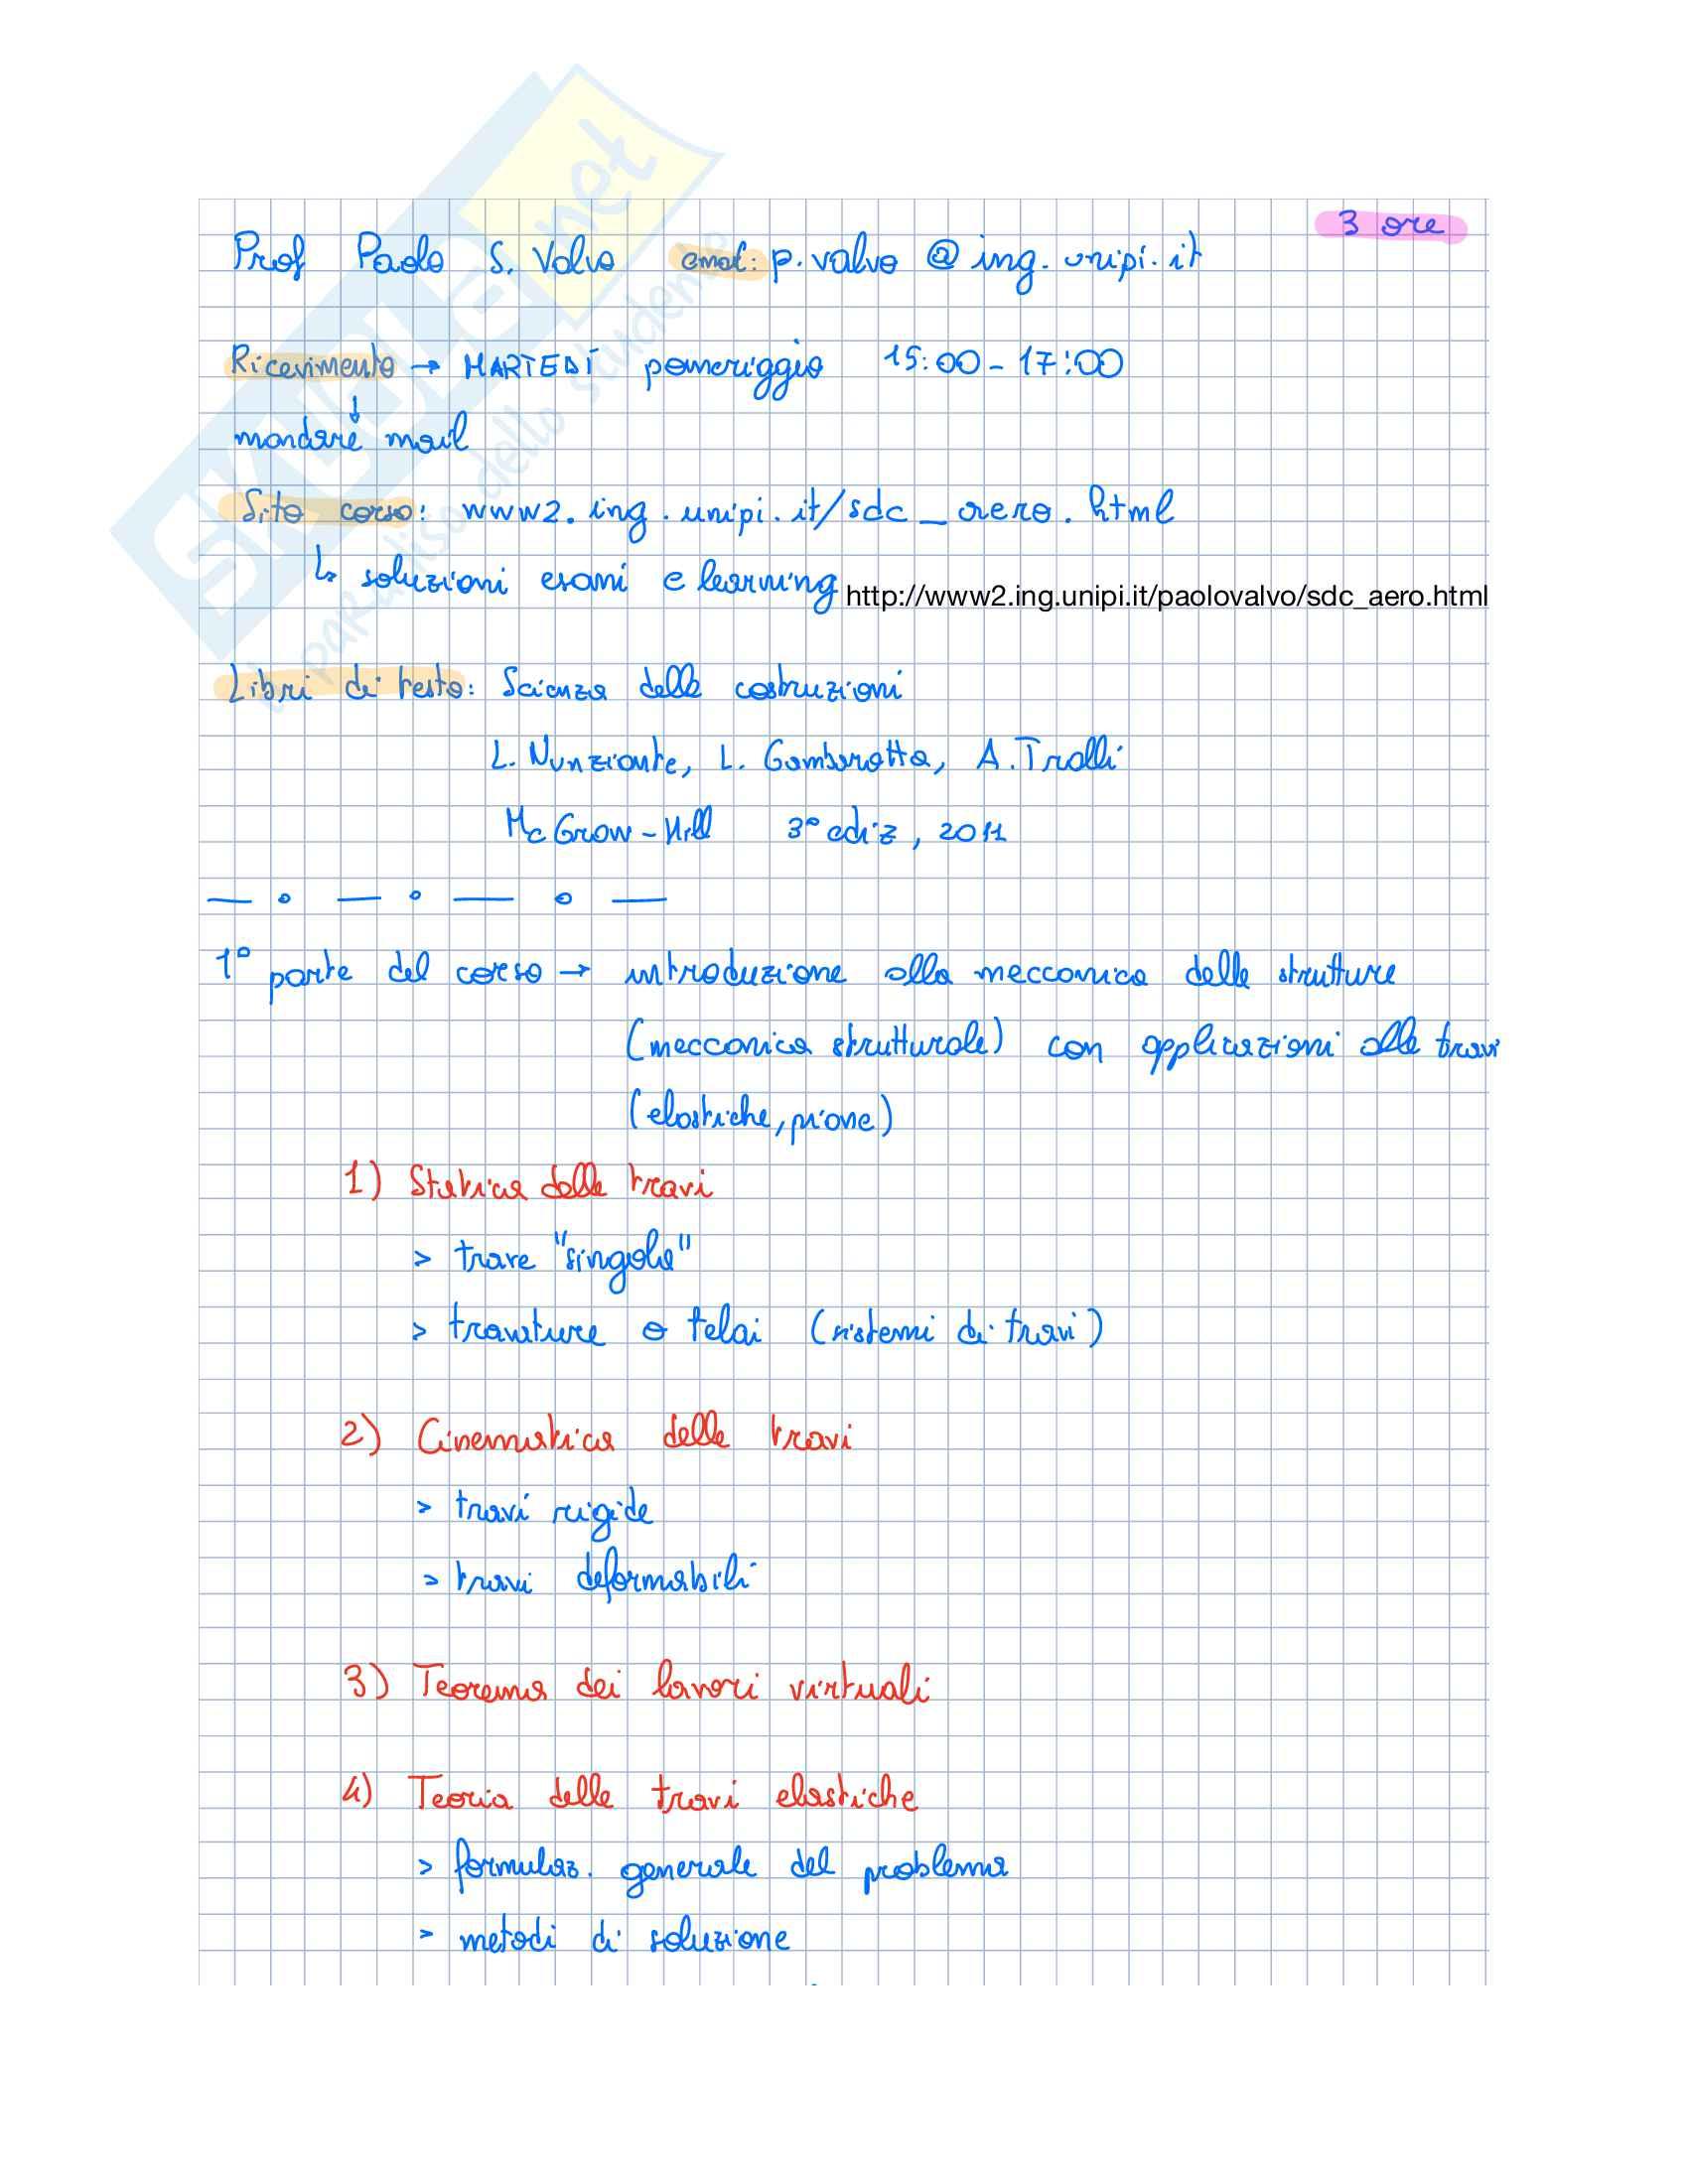 Appunti Scienza Delle Costruzioni I (parte 1)